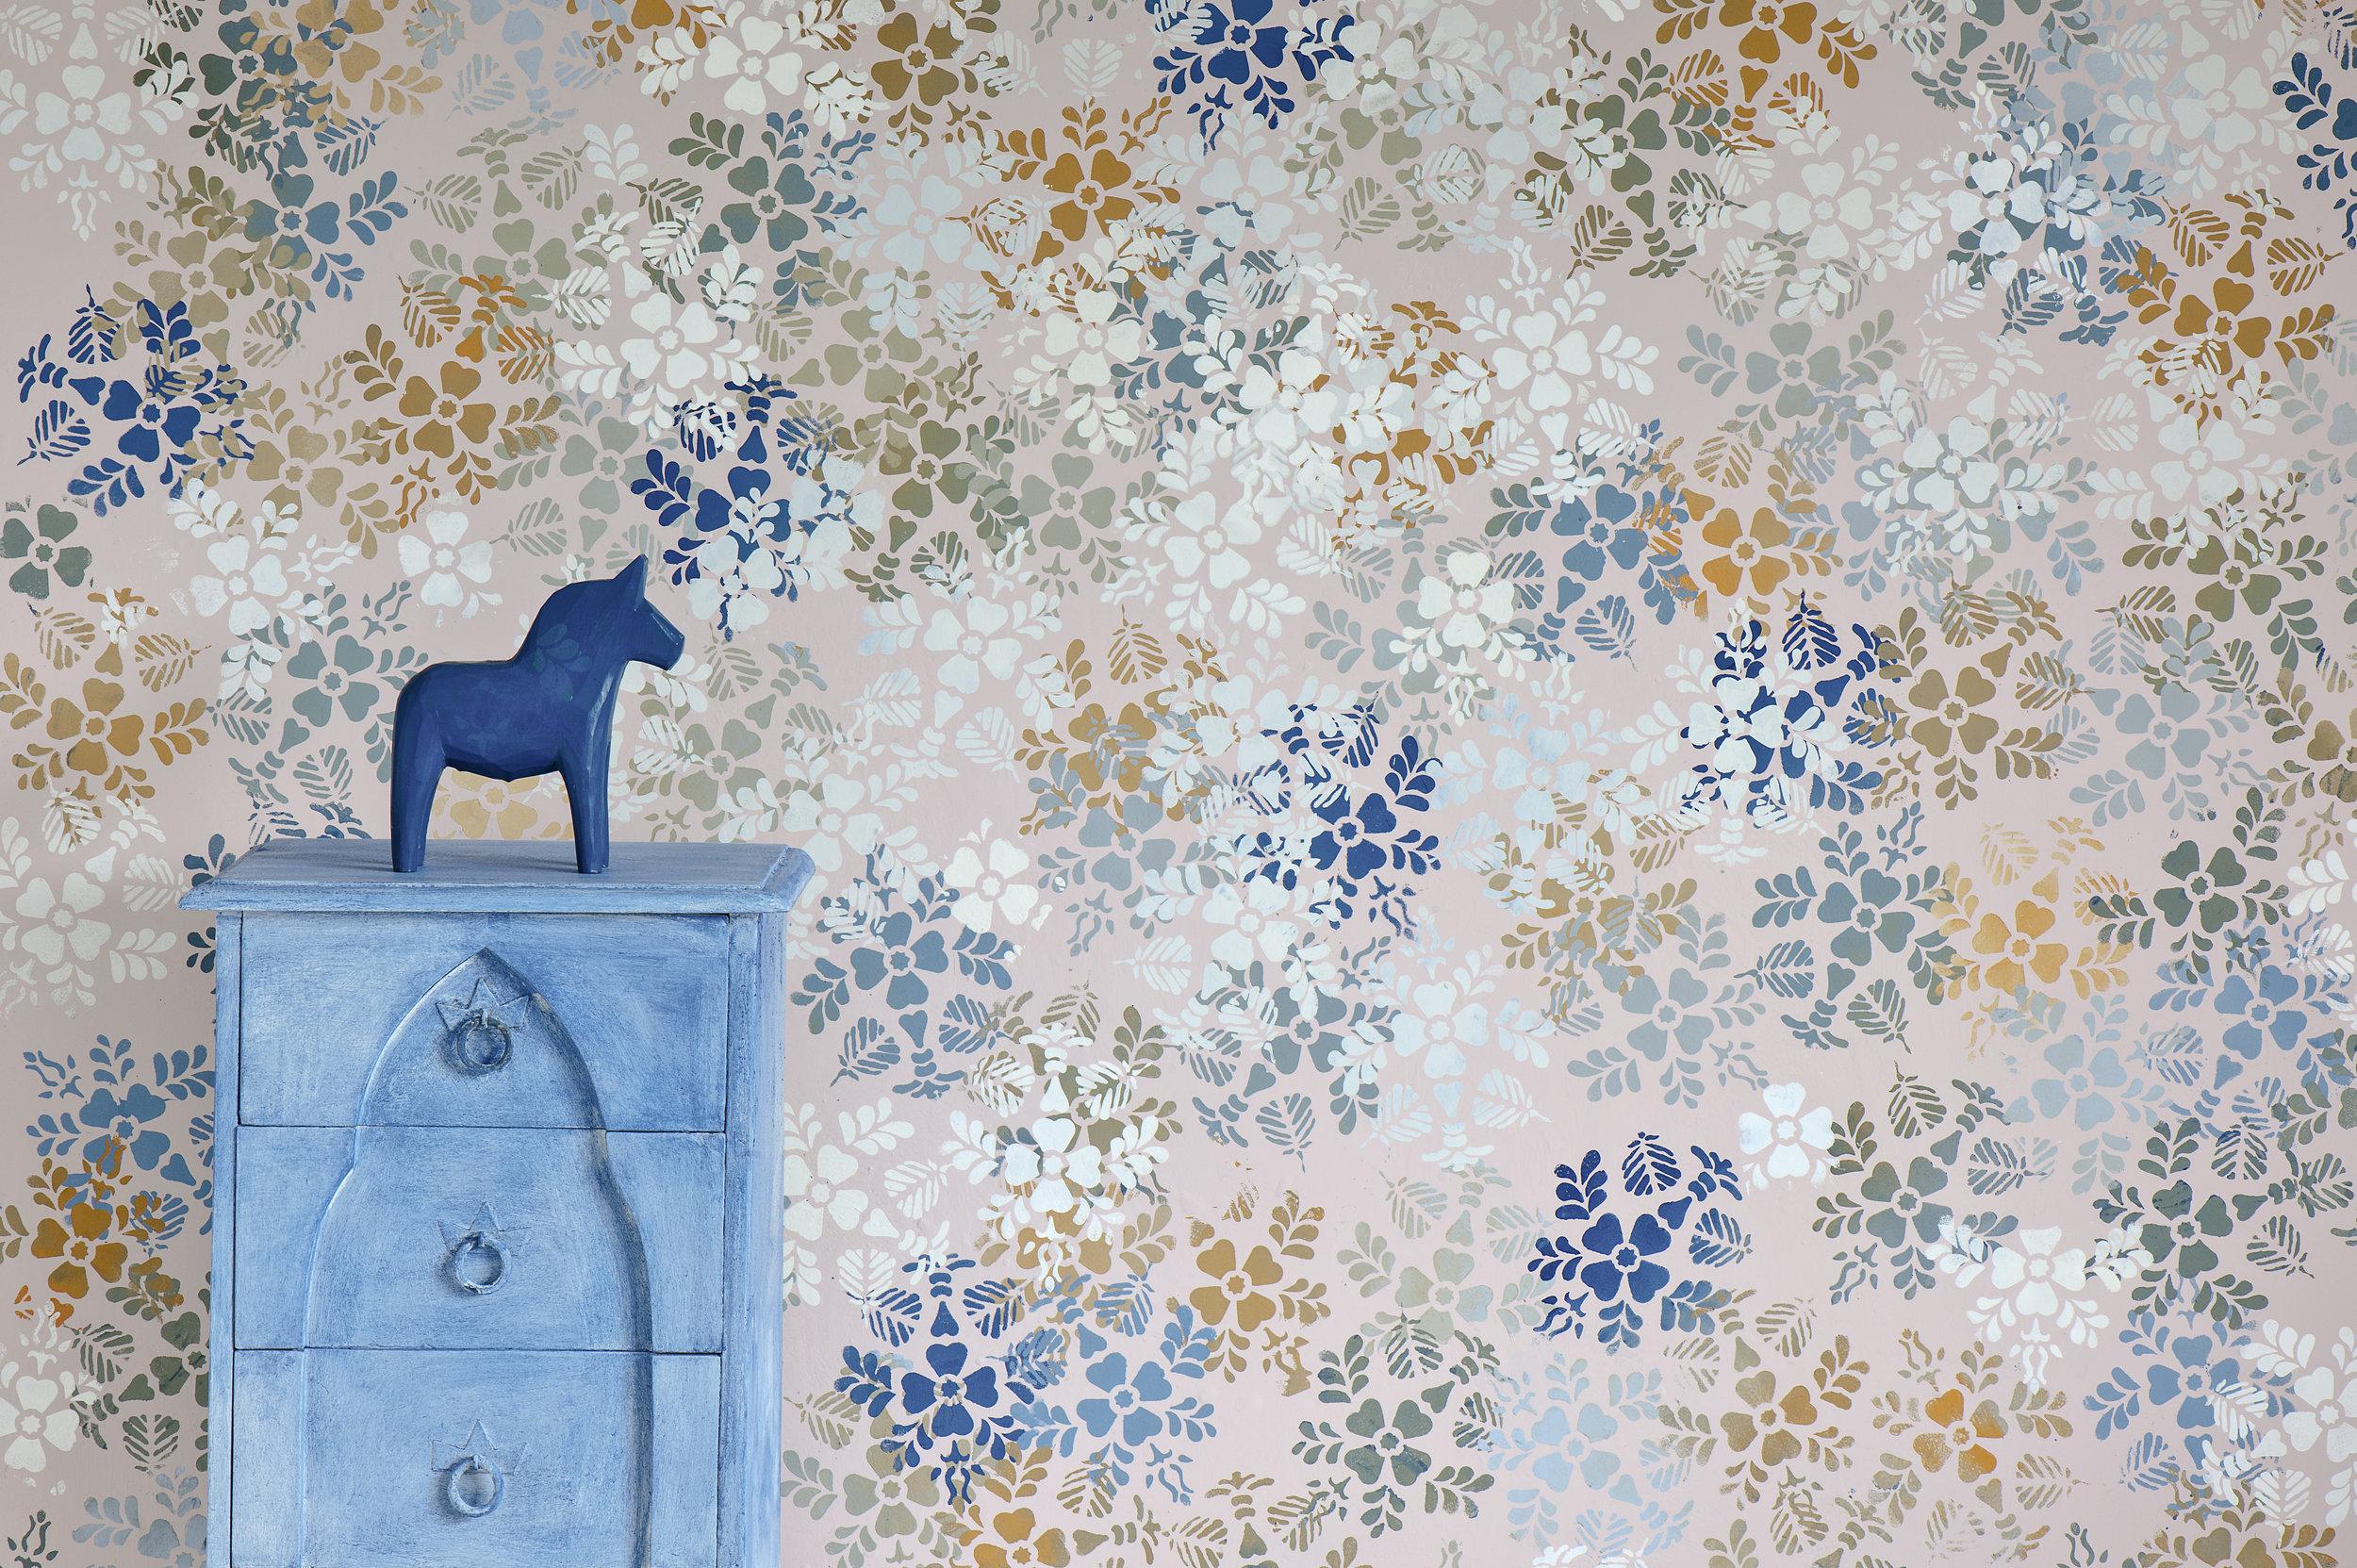 Random stencilled wall image 1 300dpi.jpg